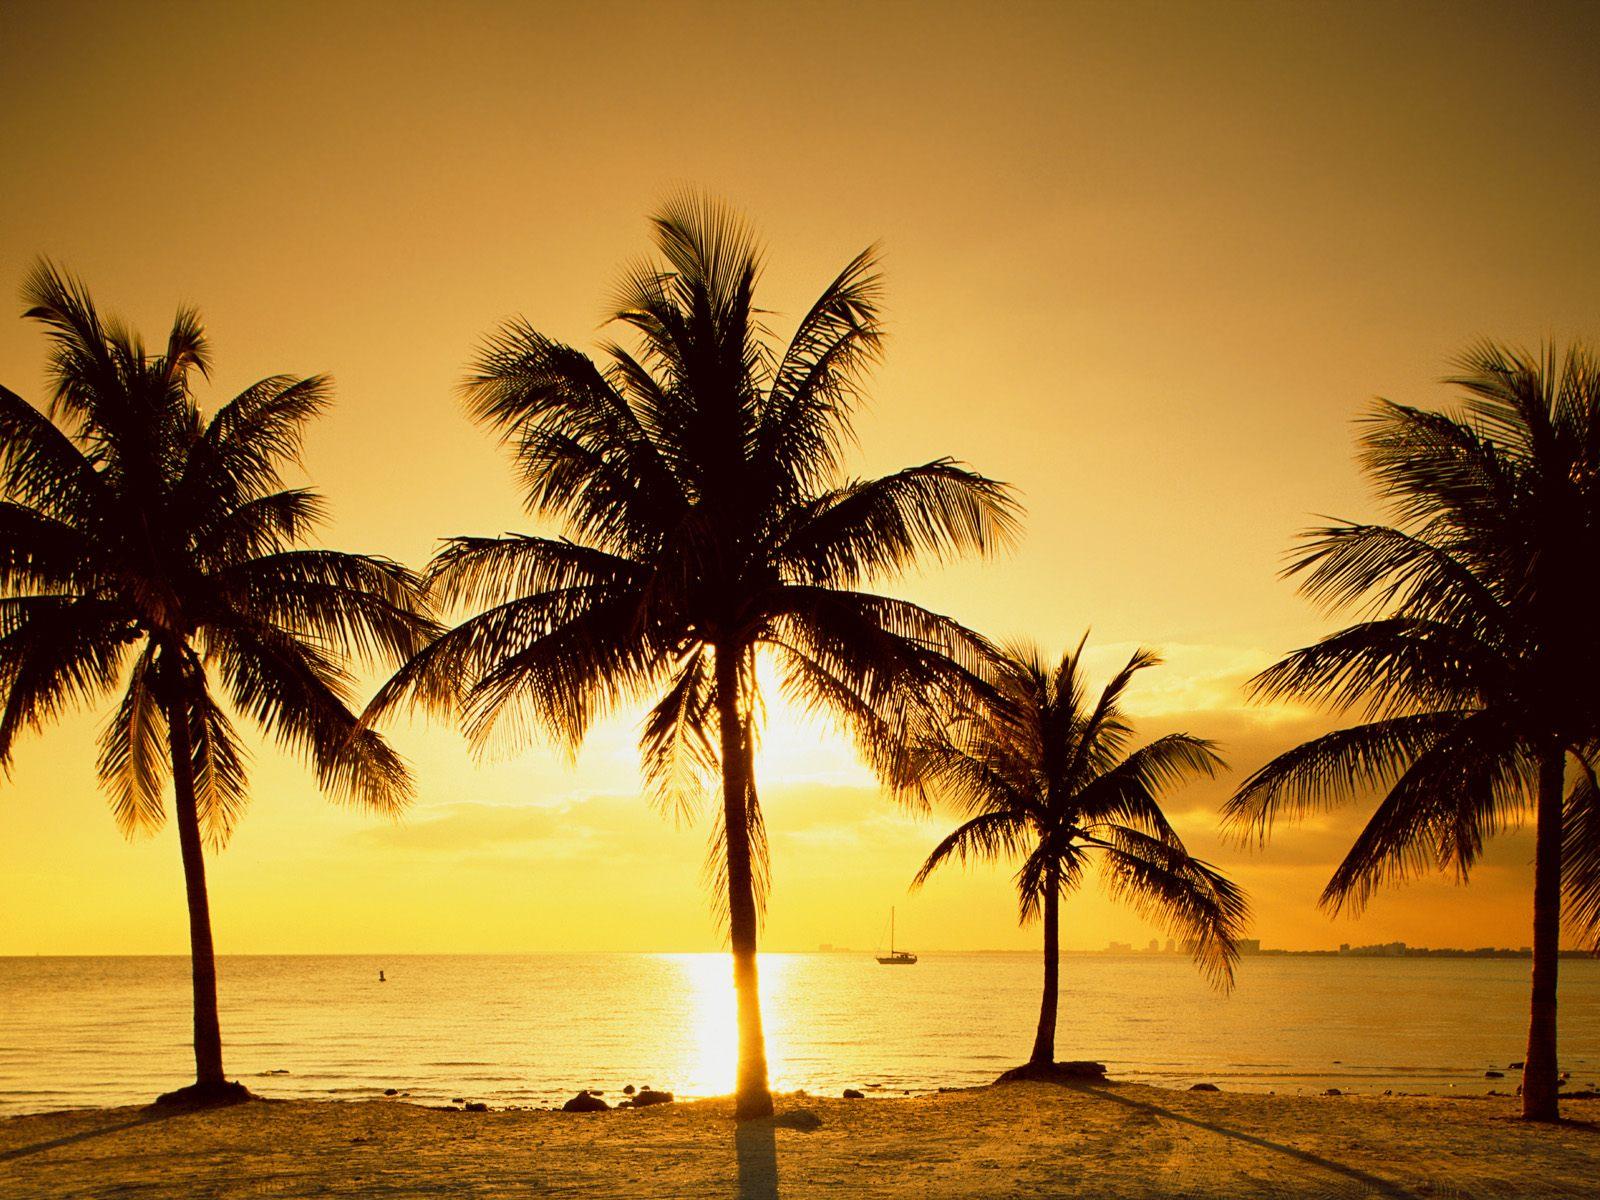 http://1.bp.blogspot.com/_N_mOB63qPaE/TOrmtCgkYdI/AAAAAAAAQ-c/3fP4nB77eX0/s1600/sunrise.beach-desktop-wallpaper.jpg